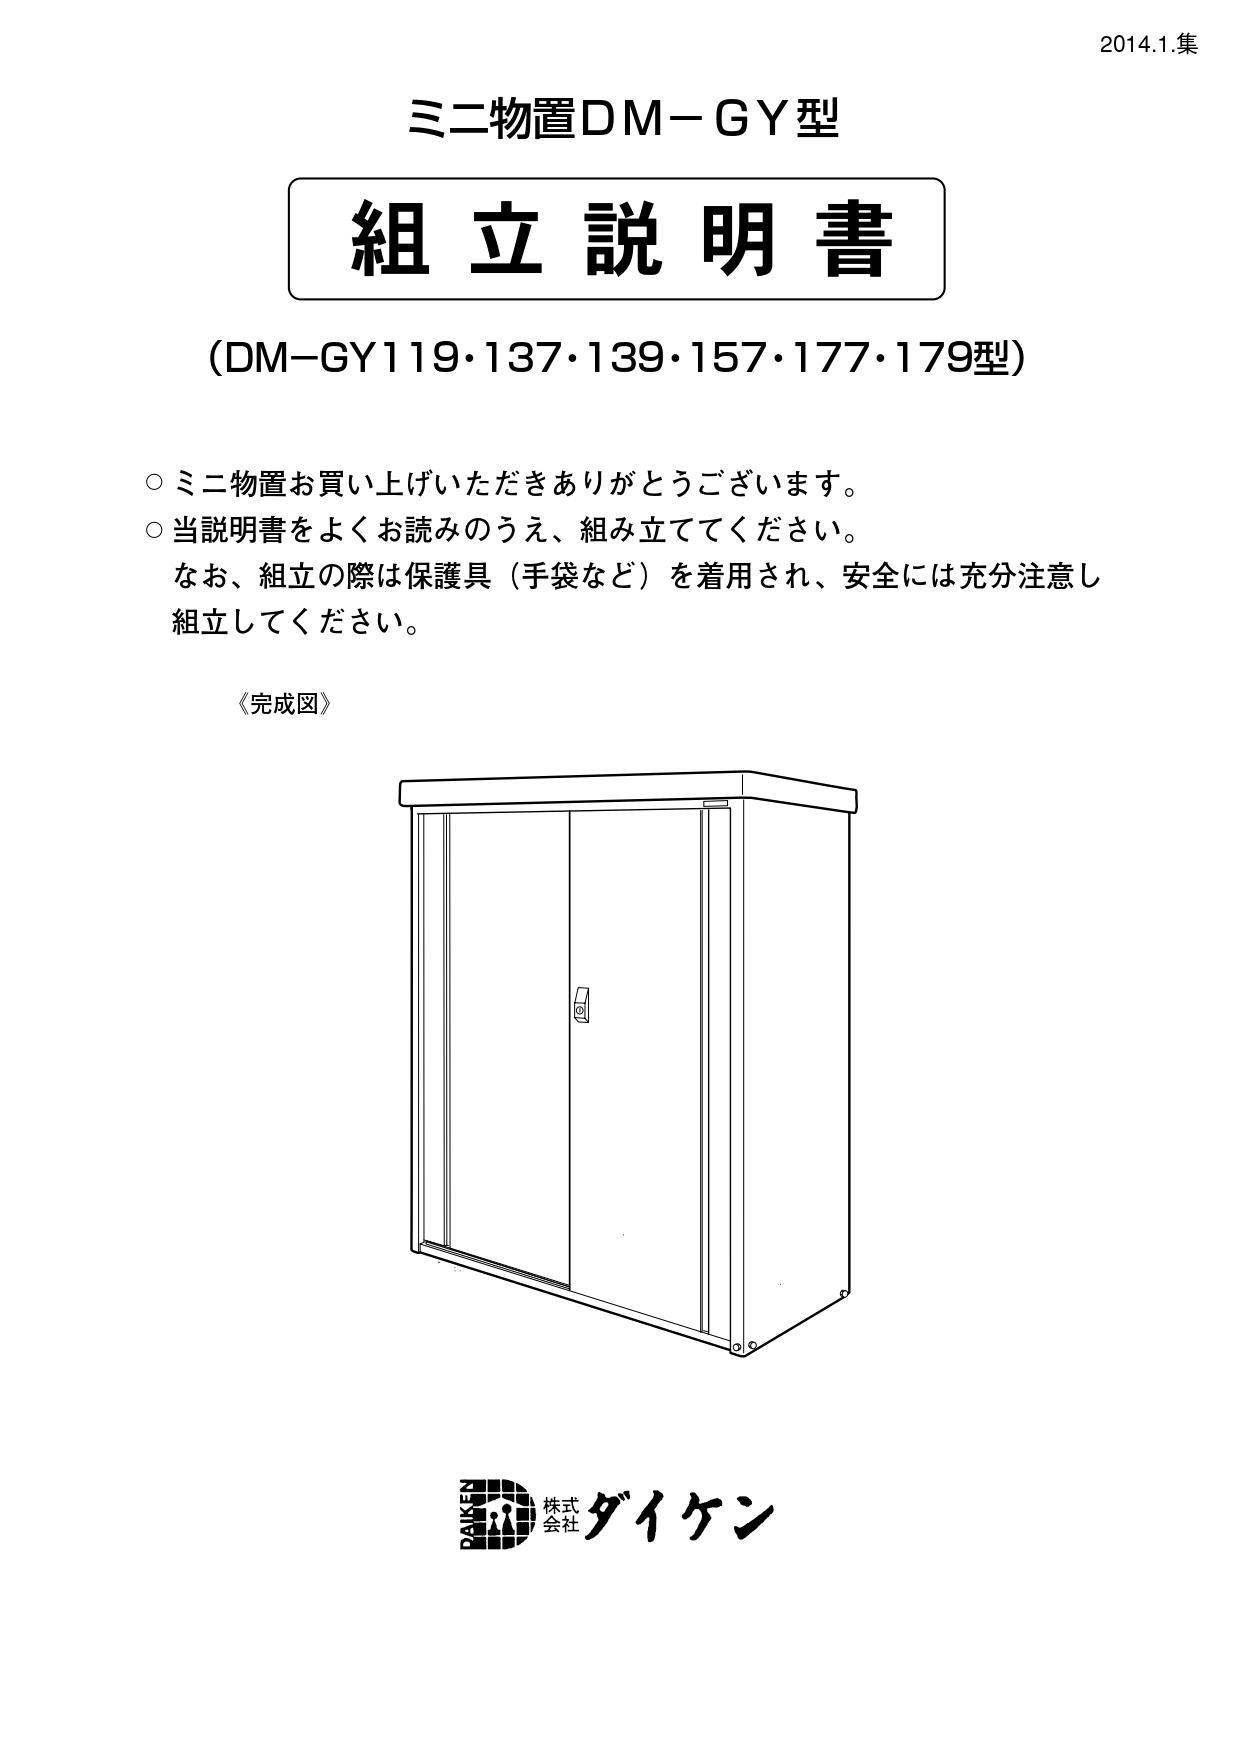 小型物置DM-GY型 施工説明書_page-0001